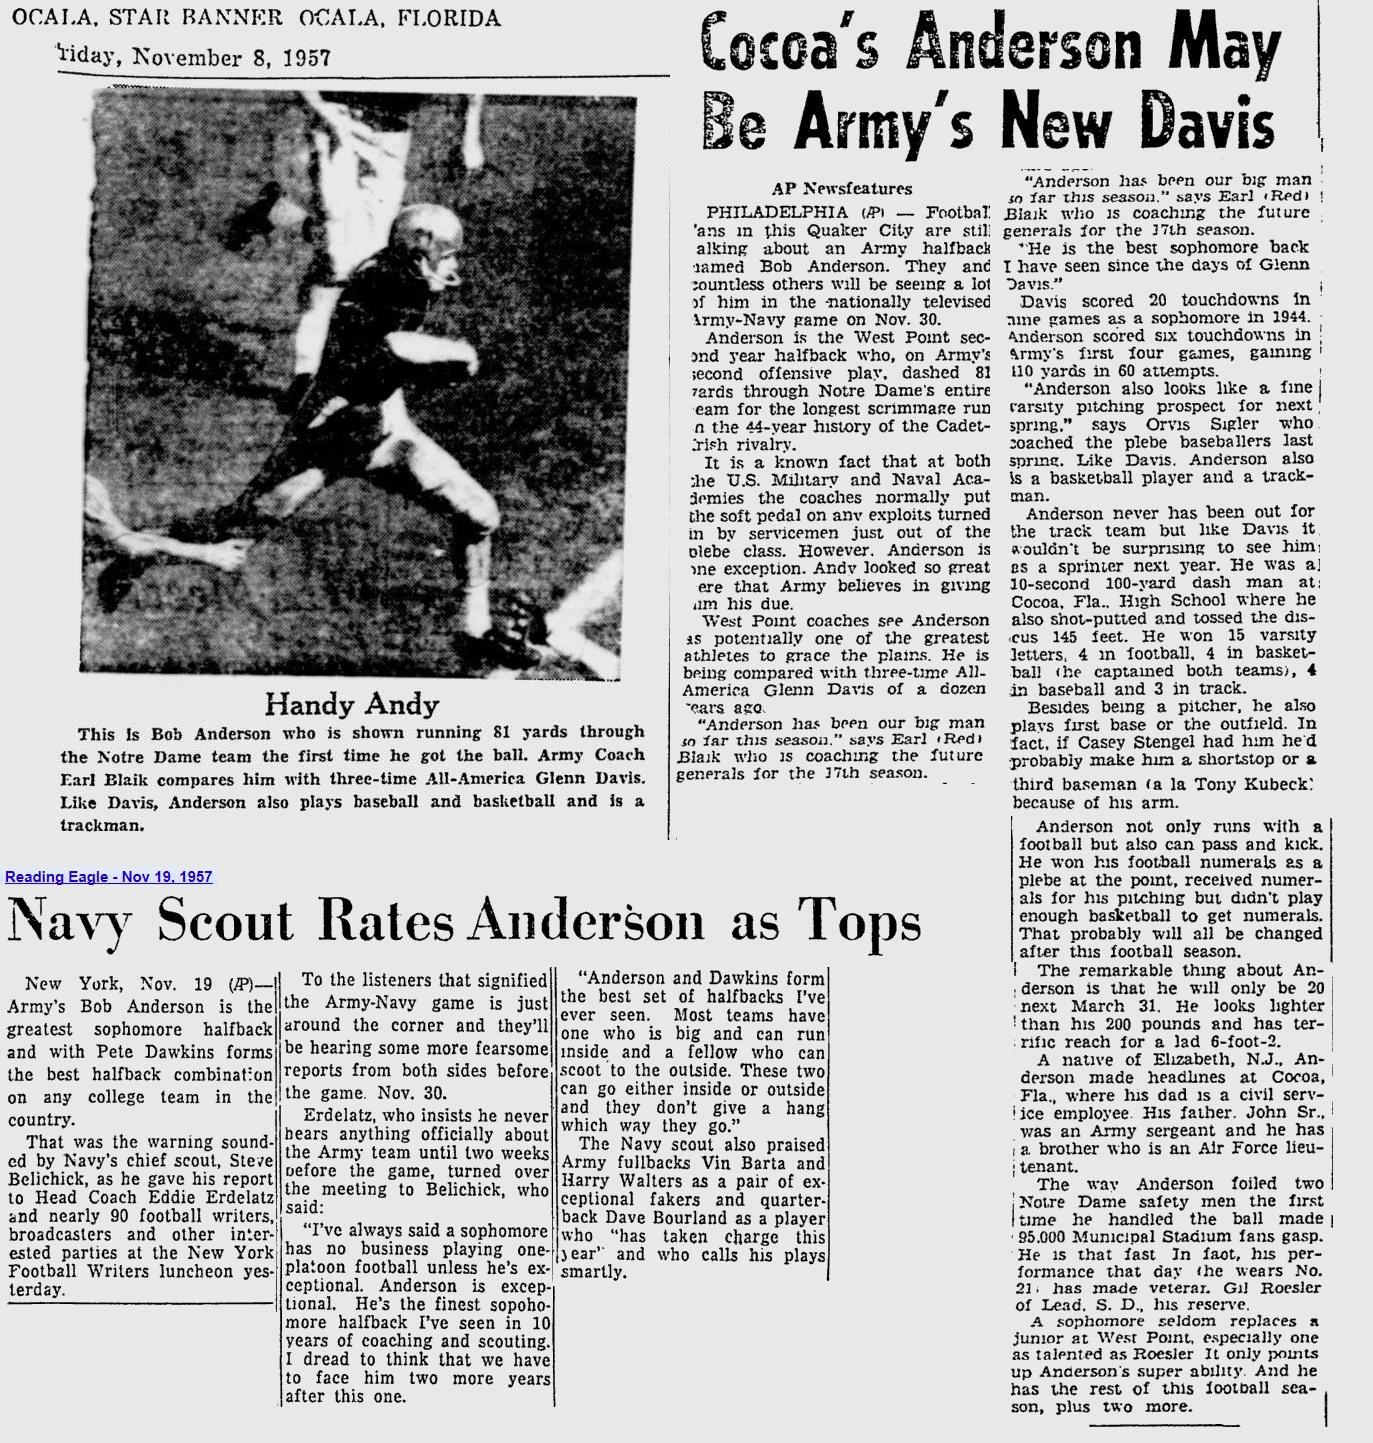 ArmyFB_1957_Anderson_OcalaStarBanner_Nov81957